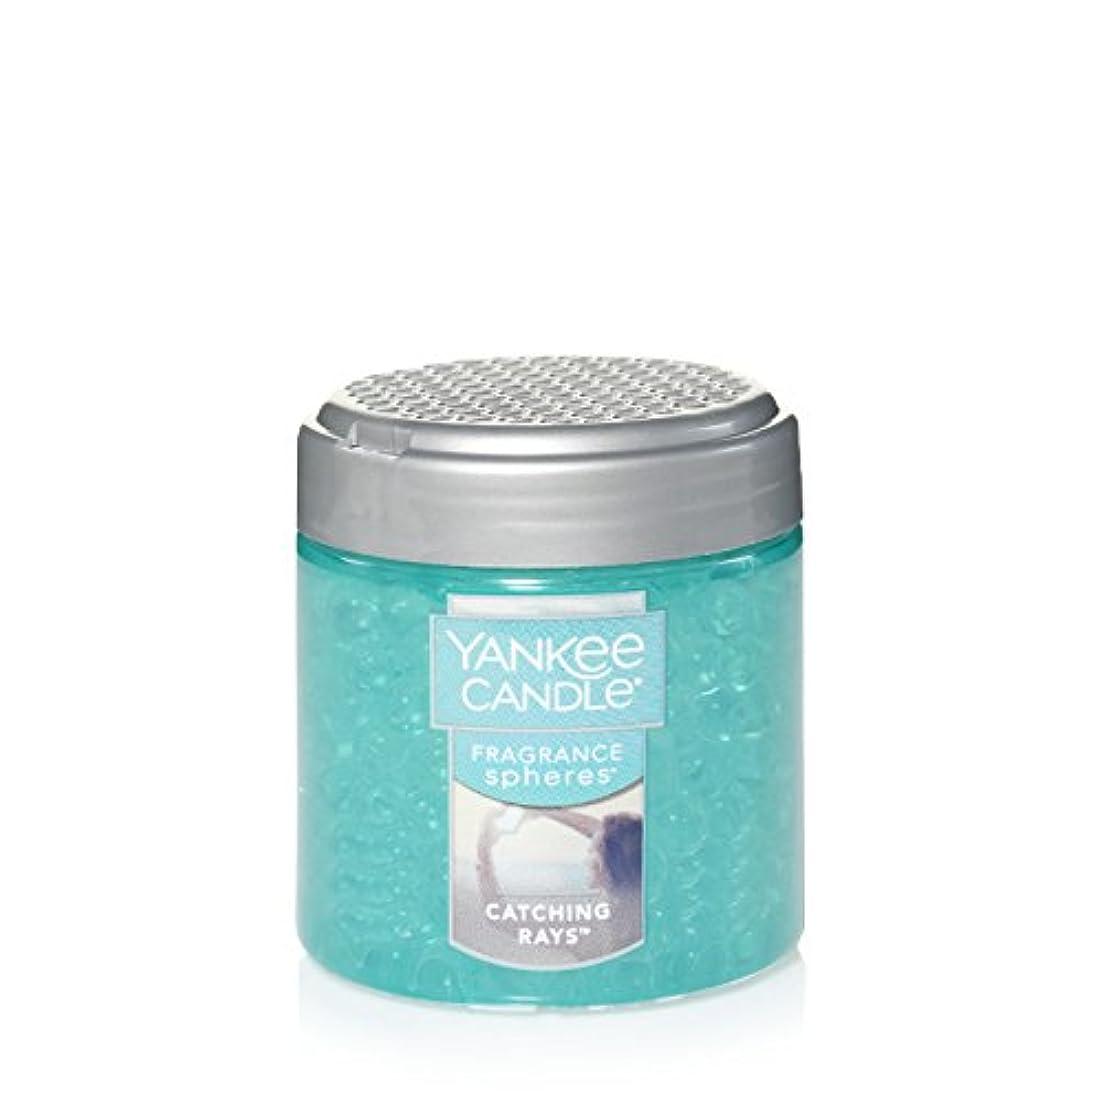 (ヤンキーキャンドル) Yankee Candle Lサイズ ジャーキャンドル Fragrance Spheres 1547233